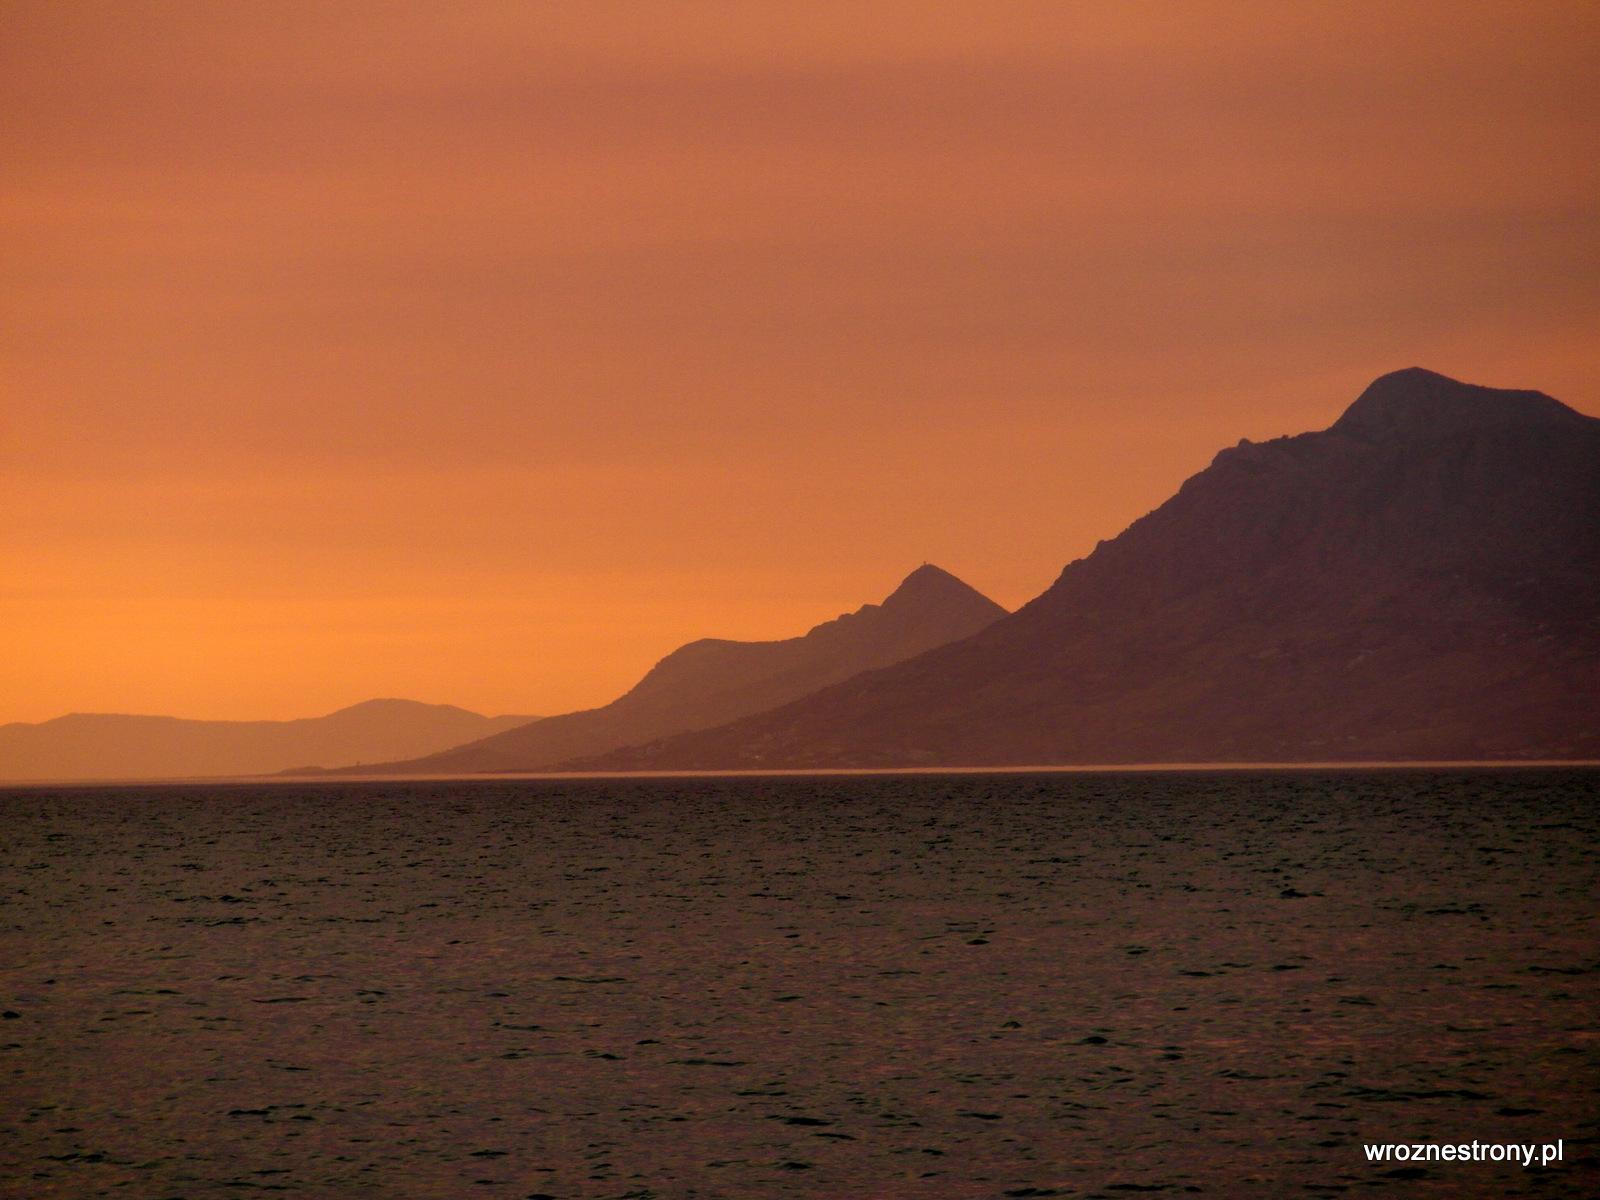 zachód słońca widziany z Półwyspu św. Piotra